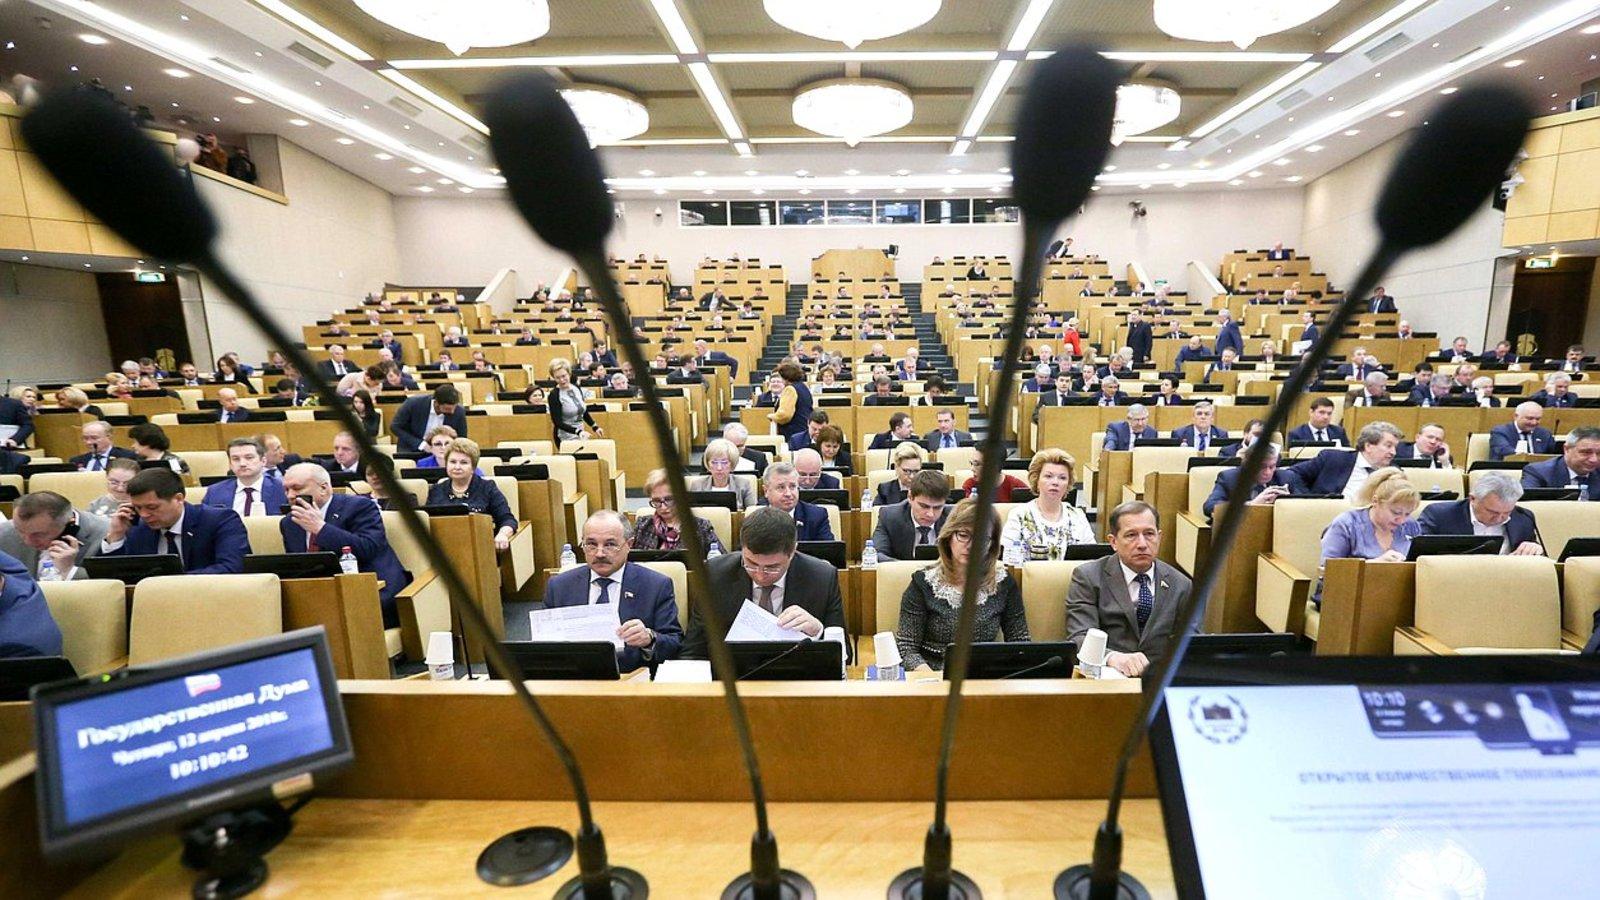 Депутаты Госдумы запустили конкурс для рэперов